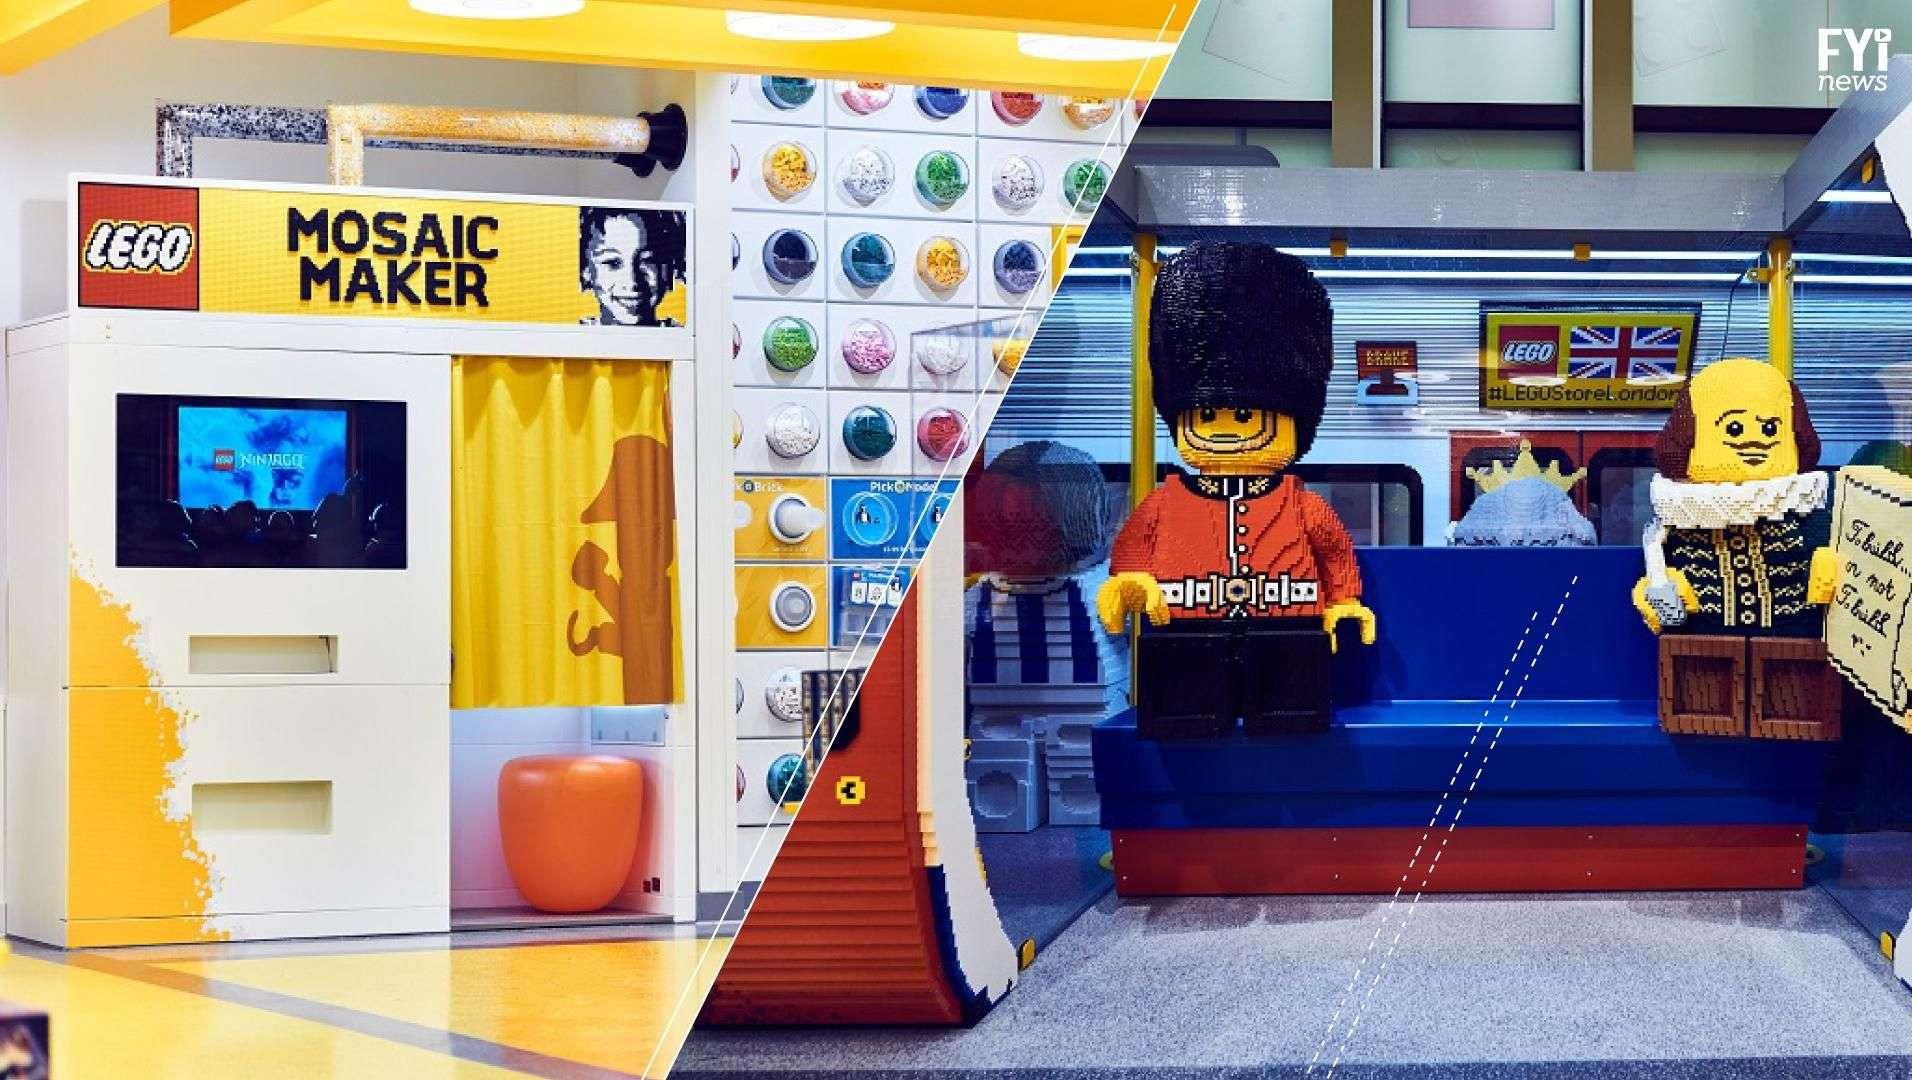 Arma tu propio selfie con piezas de LEGO